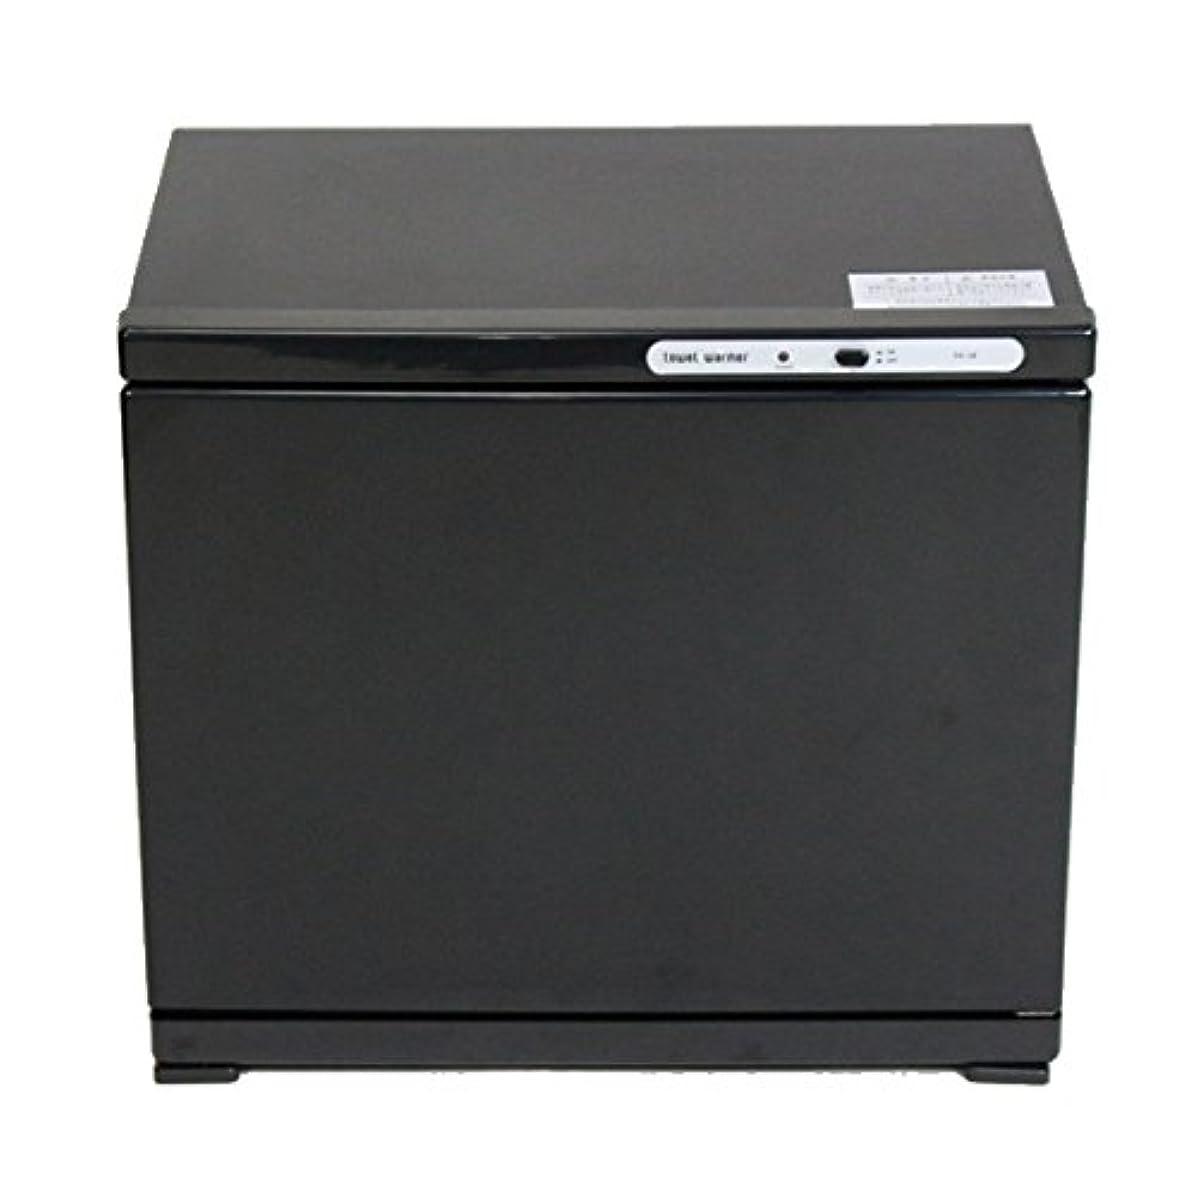 モードビザコントラストタオルウォーマー18L TH-18 ブラック